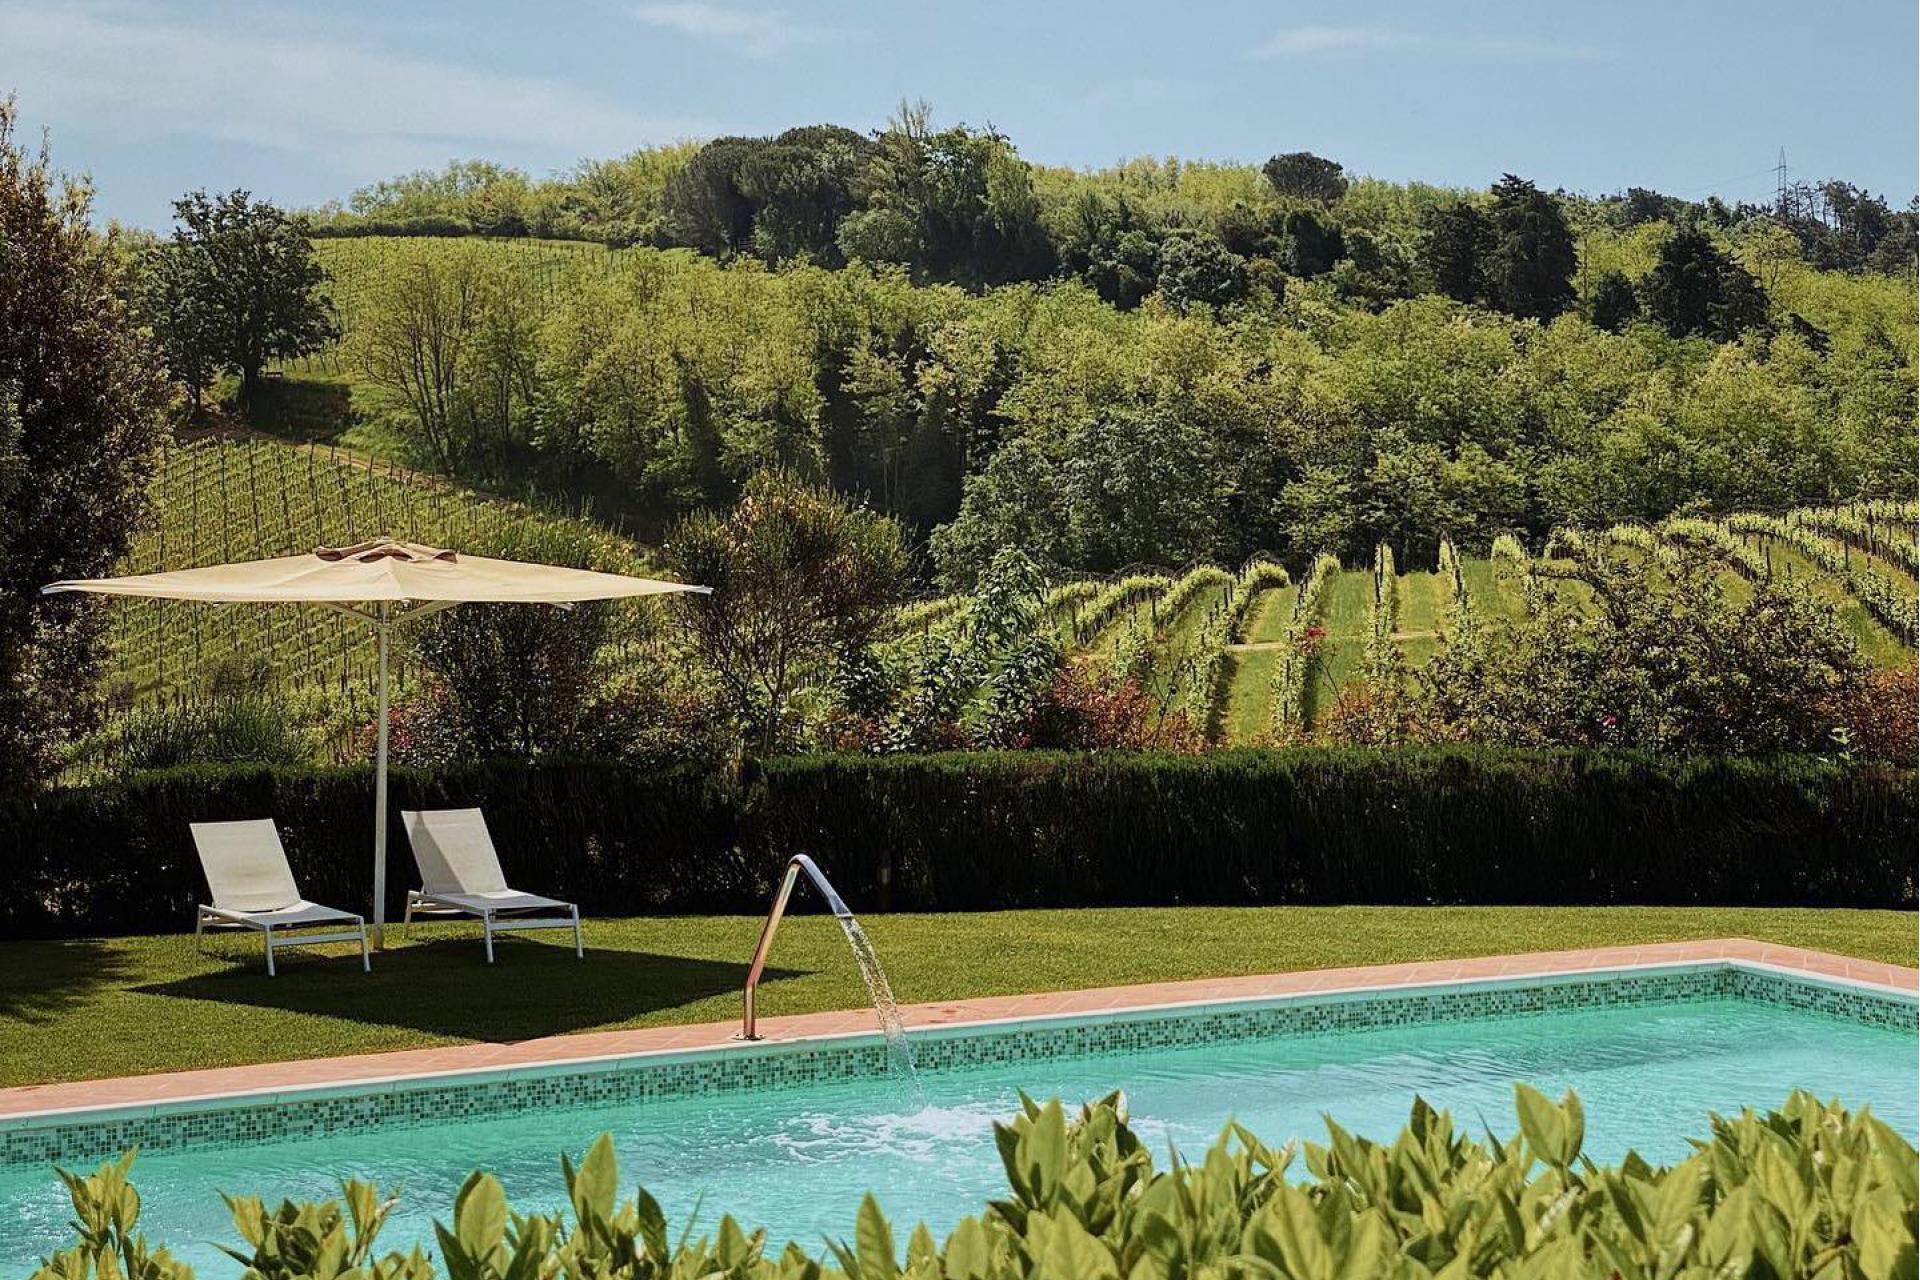 Agriturismo Toskana Wohnungen in Luxus-Weingut - Nähe Pisa  - Toskana | myitalyselection.de